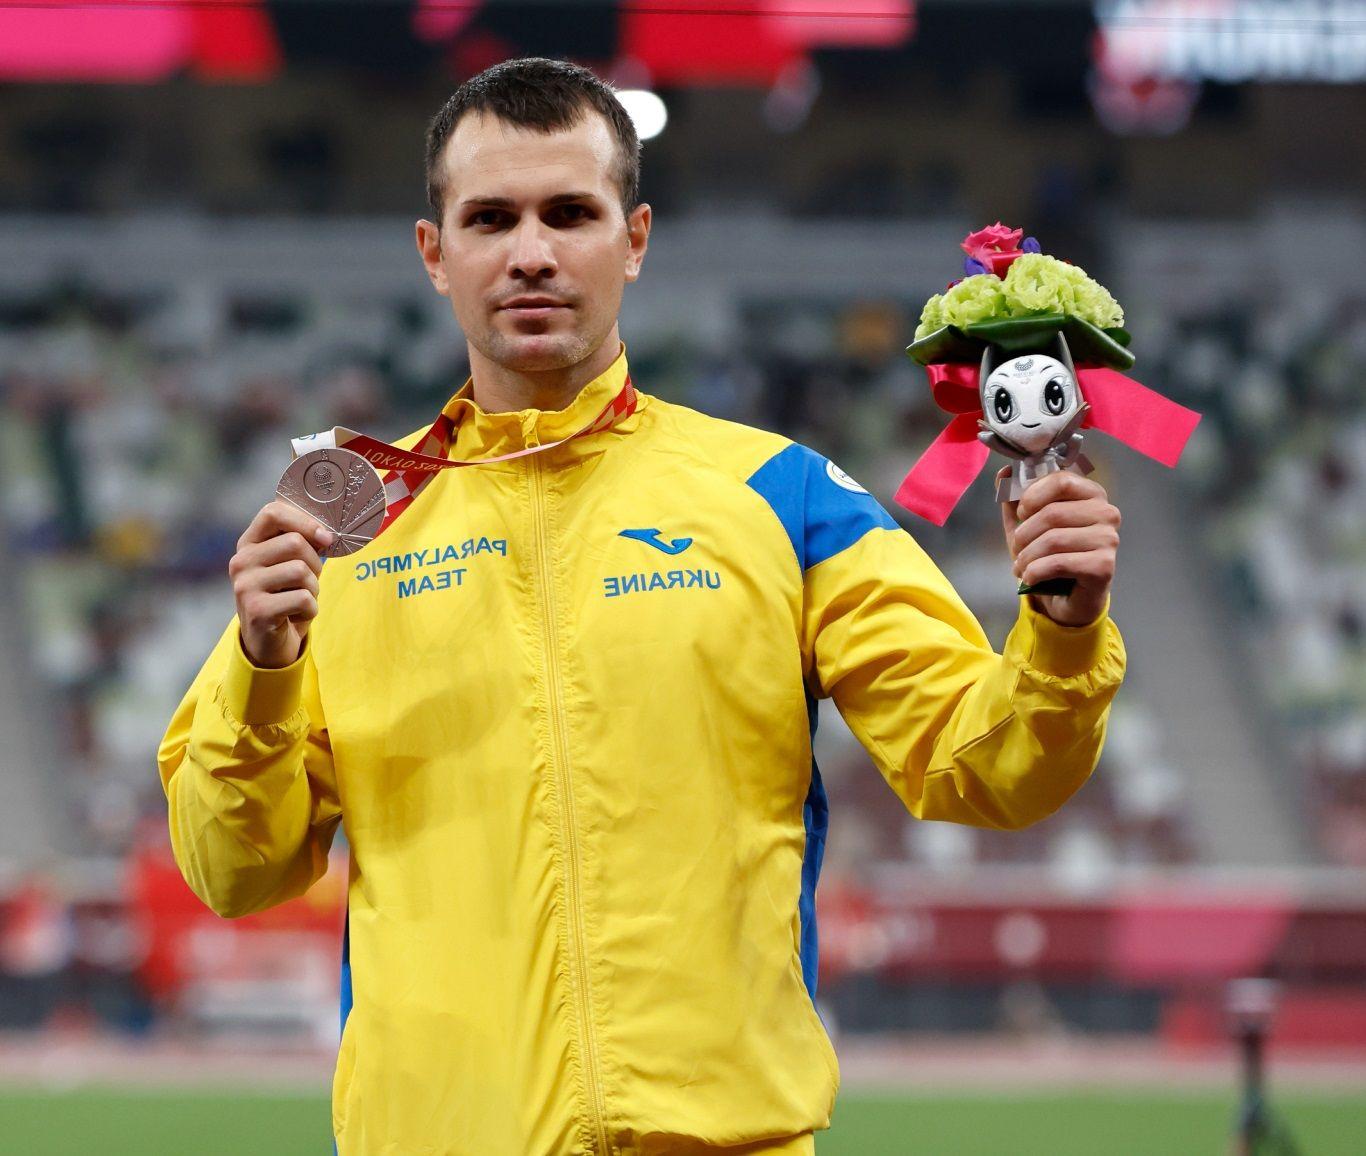 Бегун Цветов снова не захотел фотографироваться с россиянами на пьедестале Паралимпиады-2020